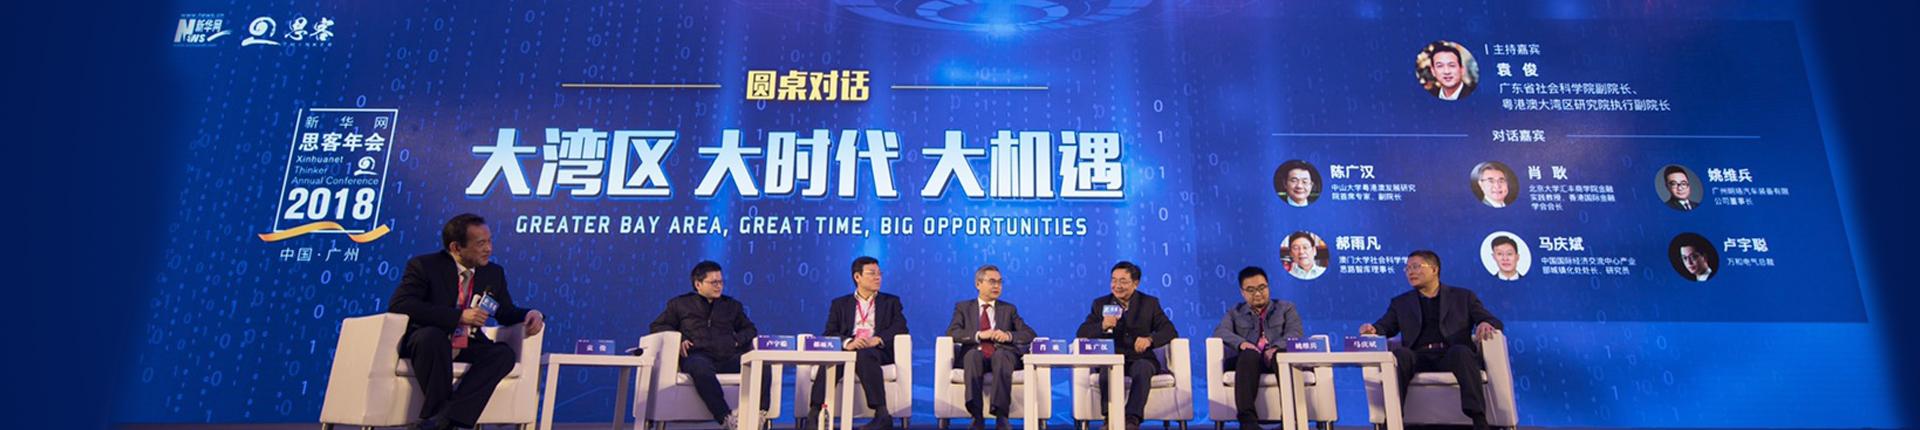 """2018年新華網思客年會探尋經濟發展""""新動力"""""""